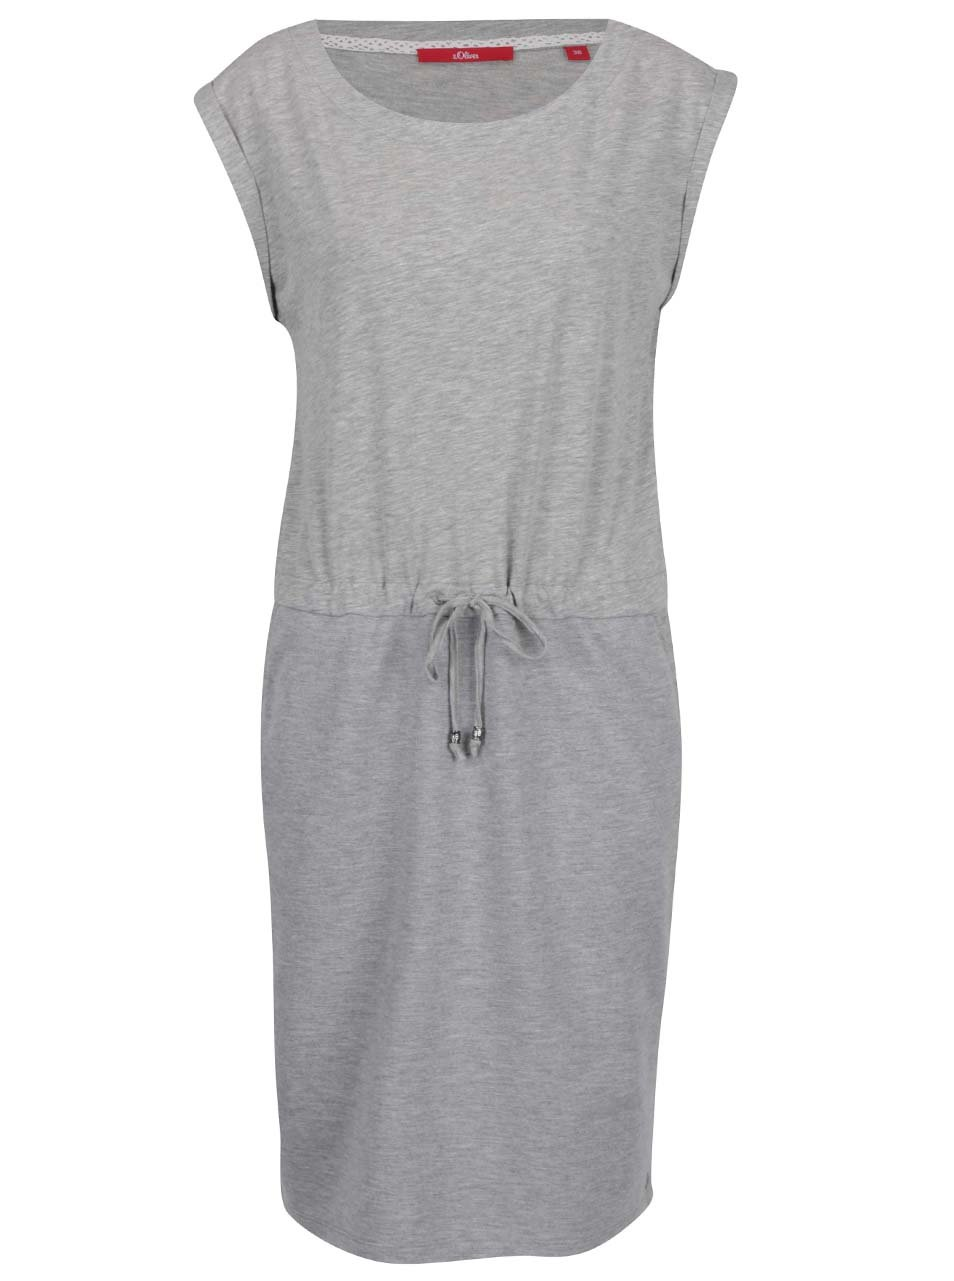 Šedé dámské volné šaty s krátkým rukávem s.Oliver